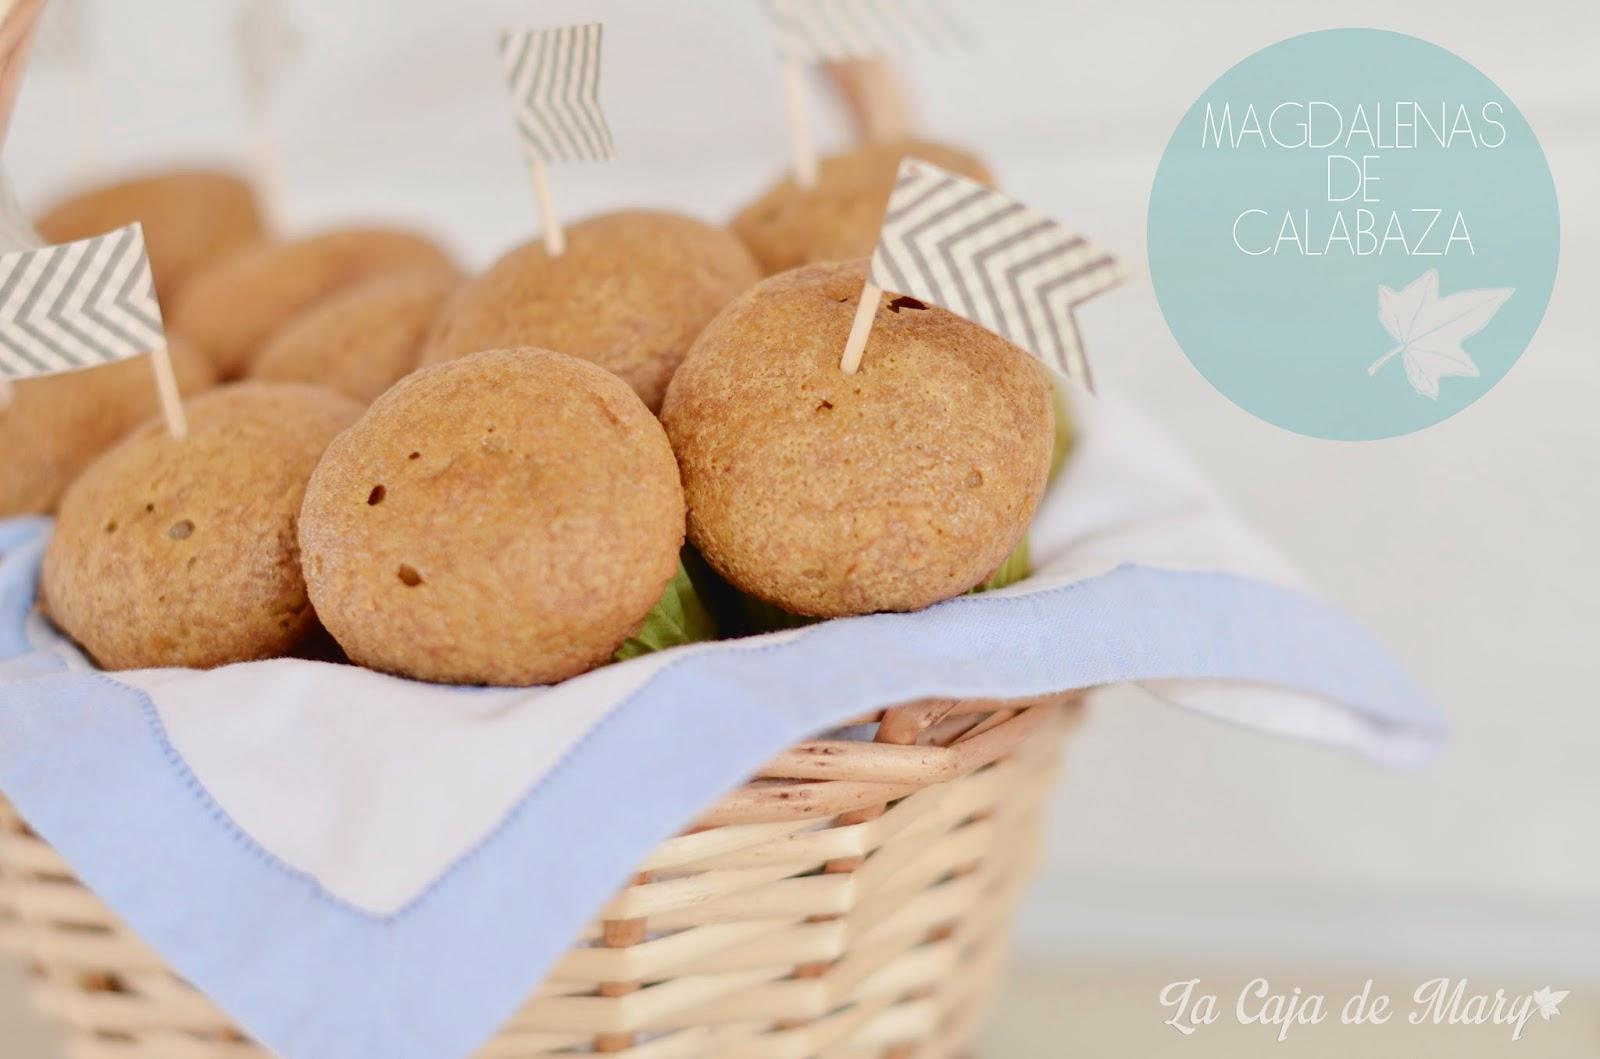 magdalenas-calabaza-caseras